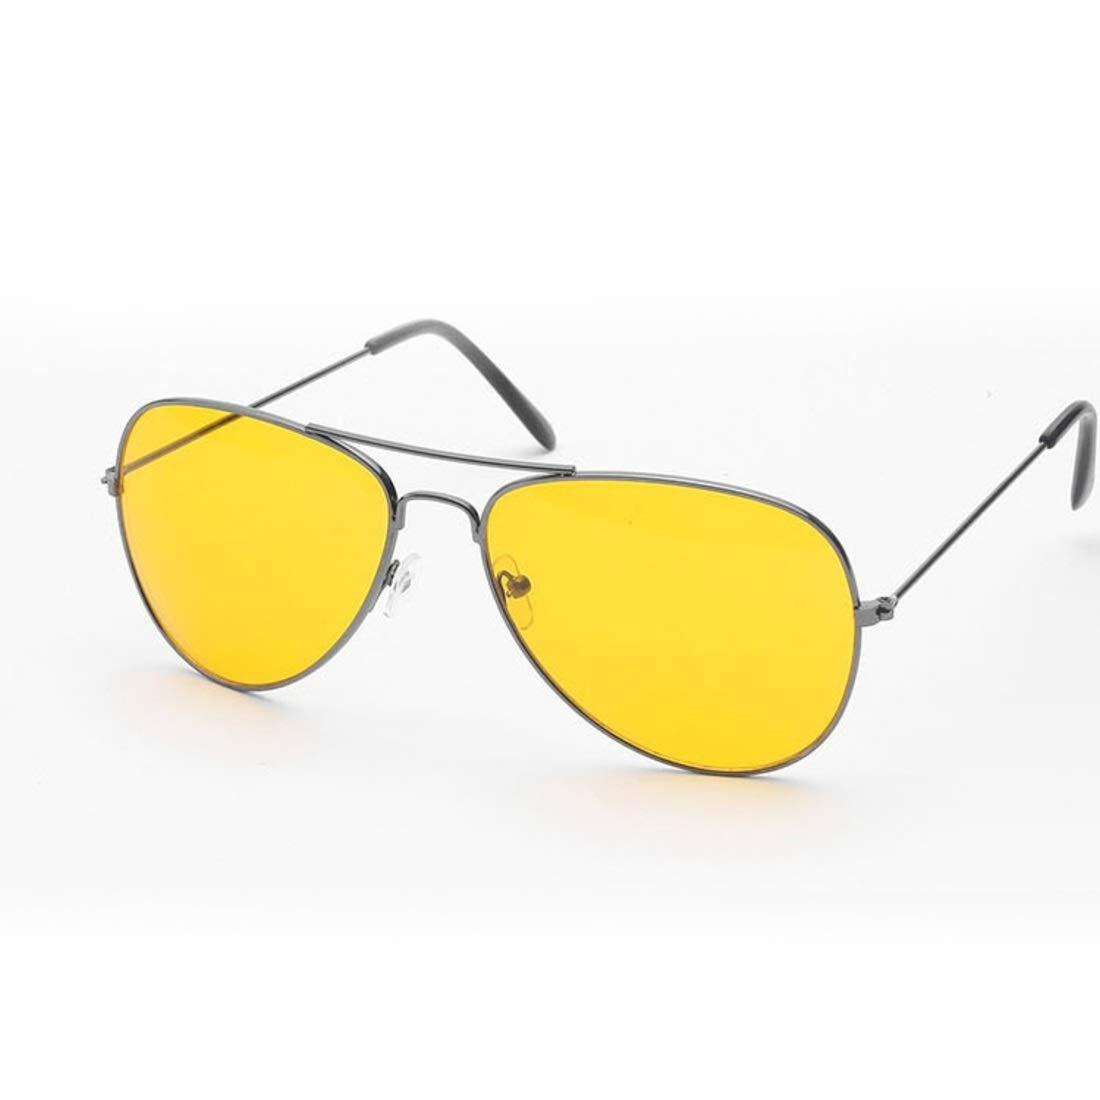 Color : Silver Anglayif Occhiali da vista per guida notturna per gli occhiali da notte per la guida di occhiali da vista per la guida di occhiali per la guida notturna